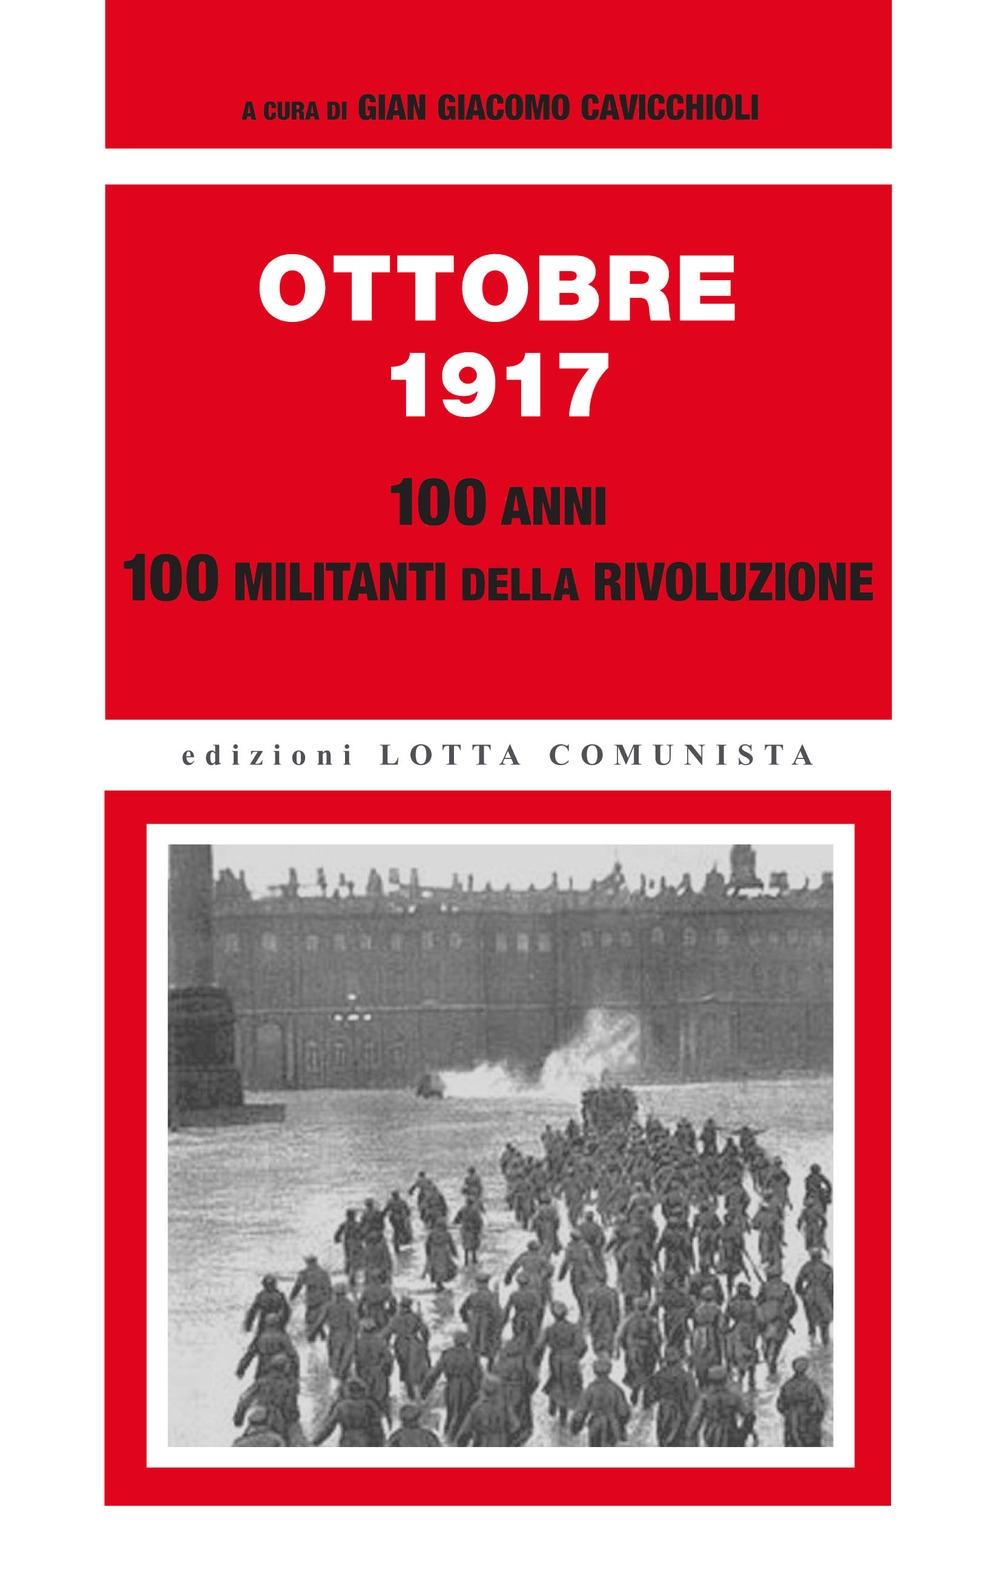 Ottobre 1917. 100 anni, 100 militanti della rivoluzione